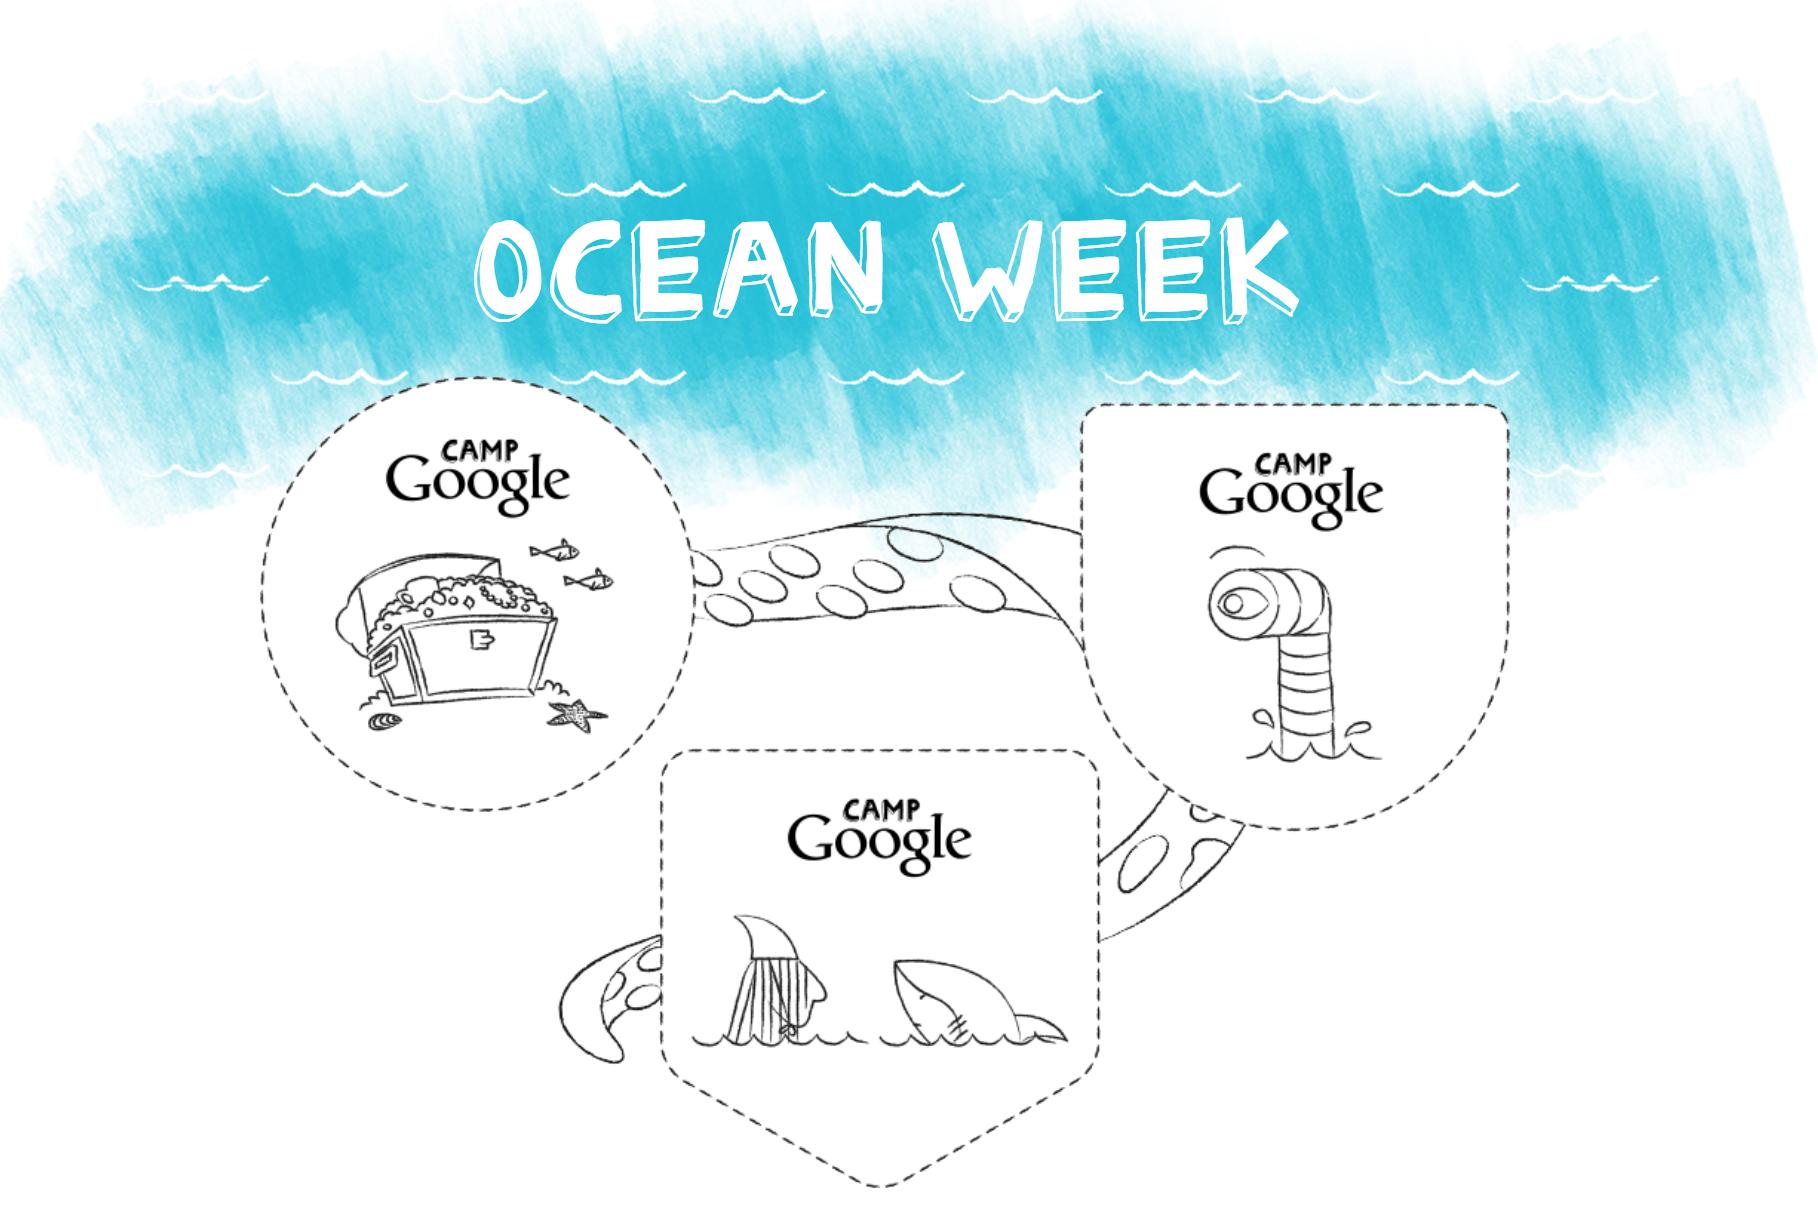 Camp Google - Ocean Week Badges